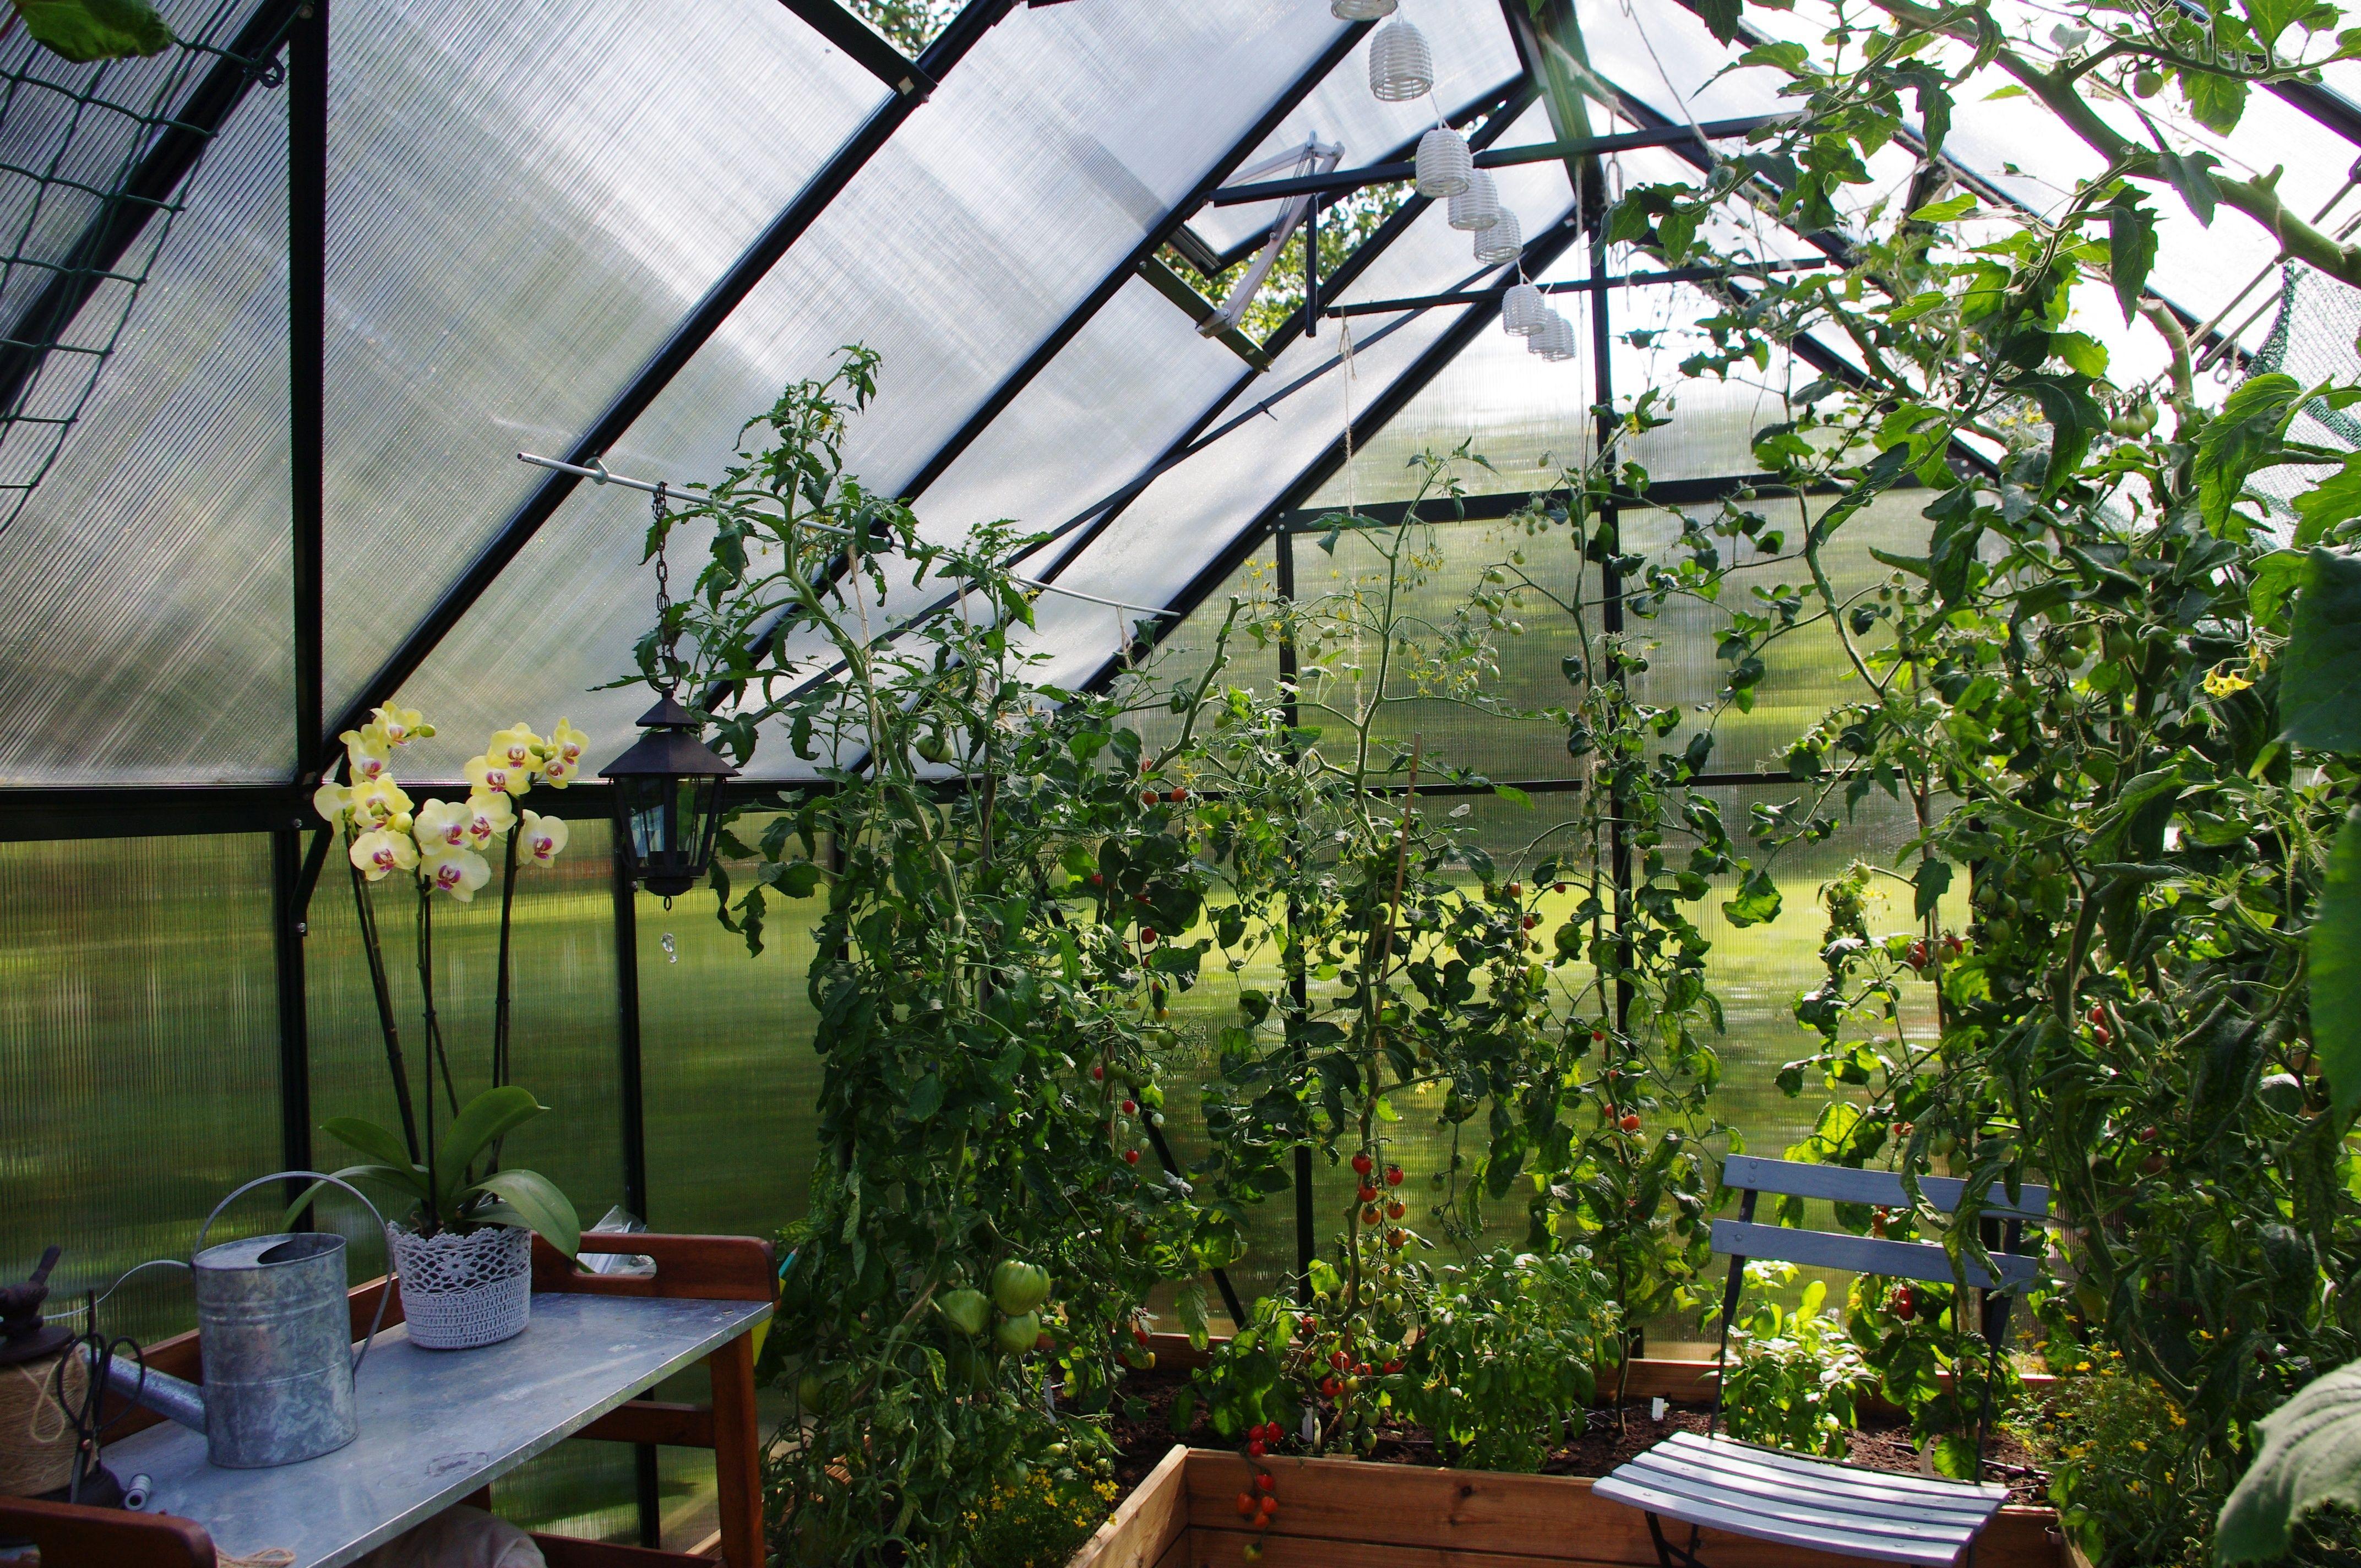 Kasvihuoneessa kasvaa tomaatteja. Pöydällä kukkii vaalea orkidea.